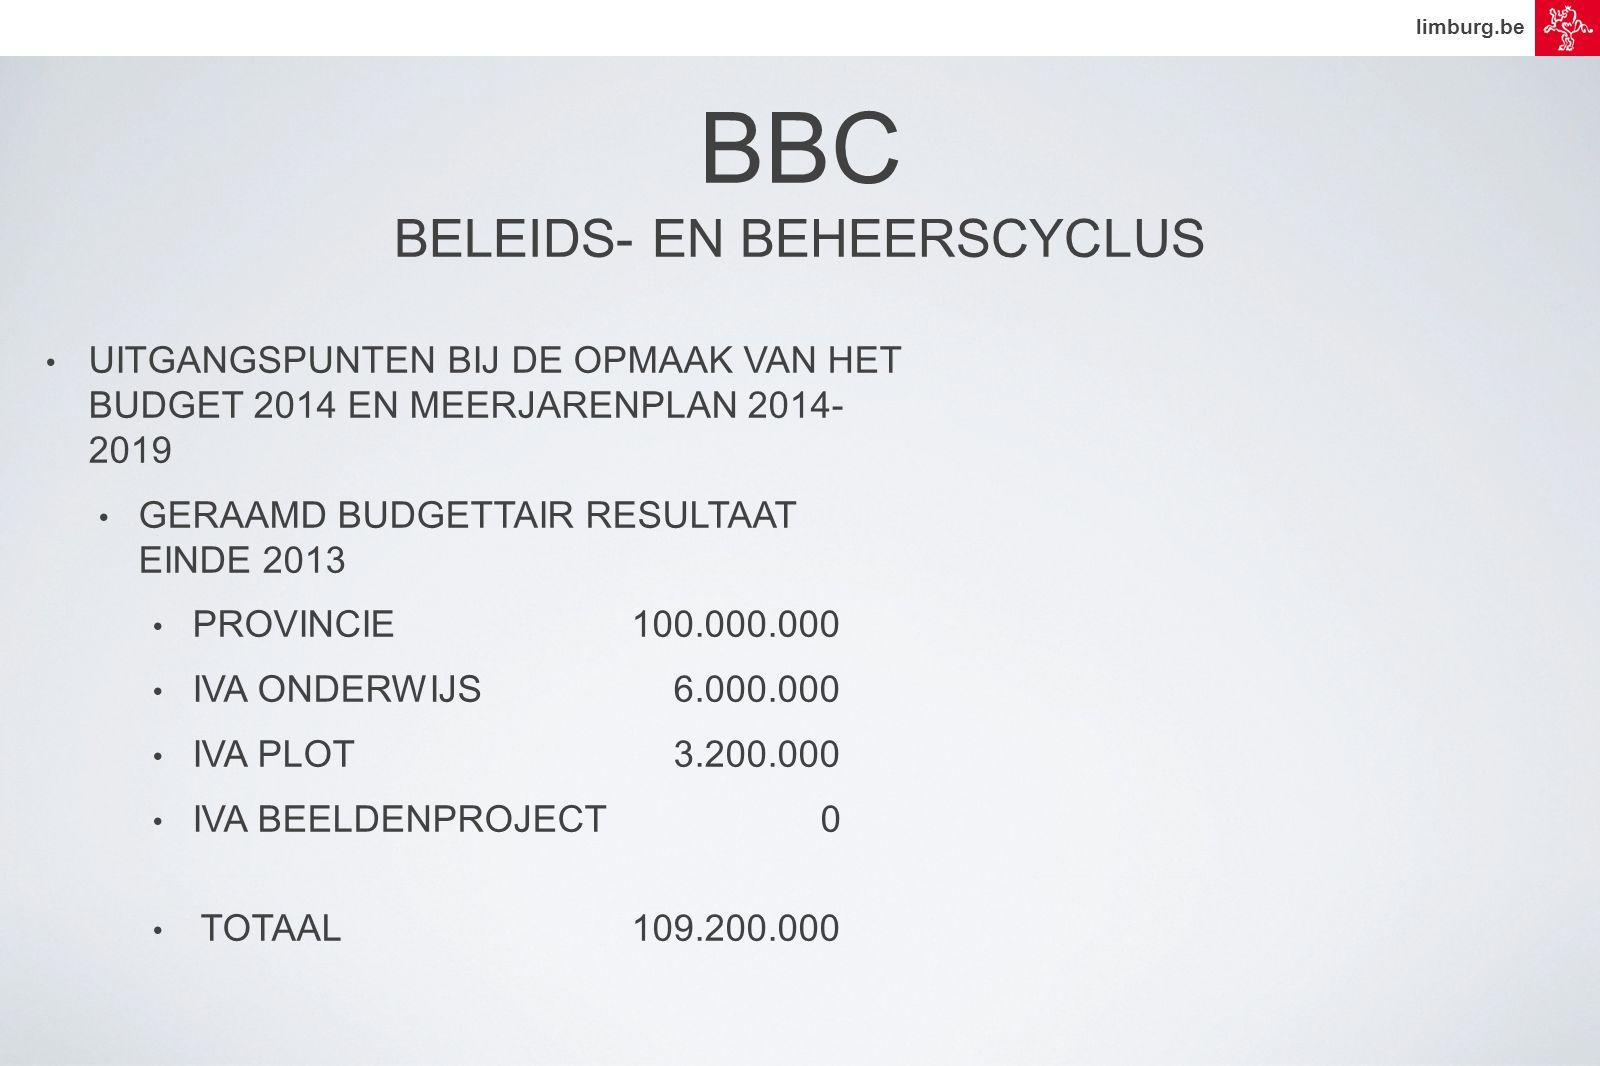 limburg.be • UITGANGSPUNTEN BIJ DE OPMAAK VAN HET BUDGET 2014 EN MEERJARENPLAN 2014- 2019 • GERAAMD BUDGETTAIR RESULTAAT EINDE 2013 • PROVINCIE 100.000.000 • IVA ONDERWIJS 6.000.000 • IVA PLOT 3.200.000 • IVA BEELDENPROJECT 0 • TOTAAL 109.200.000 BBC BELEIDS- EN BEHEERSCYCLUS